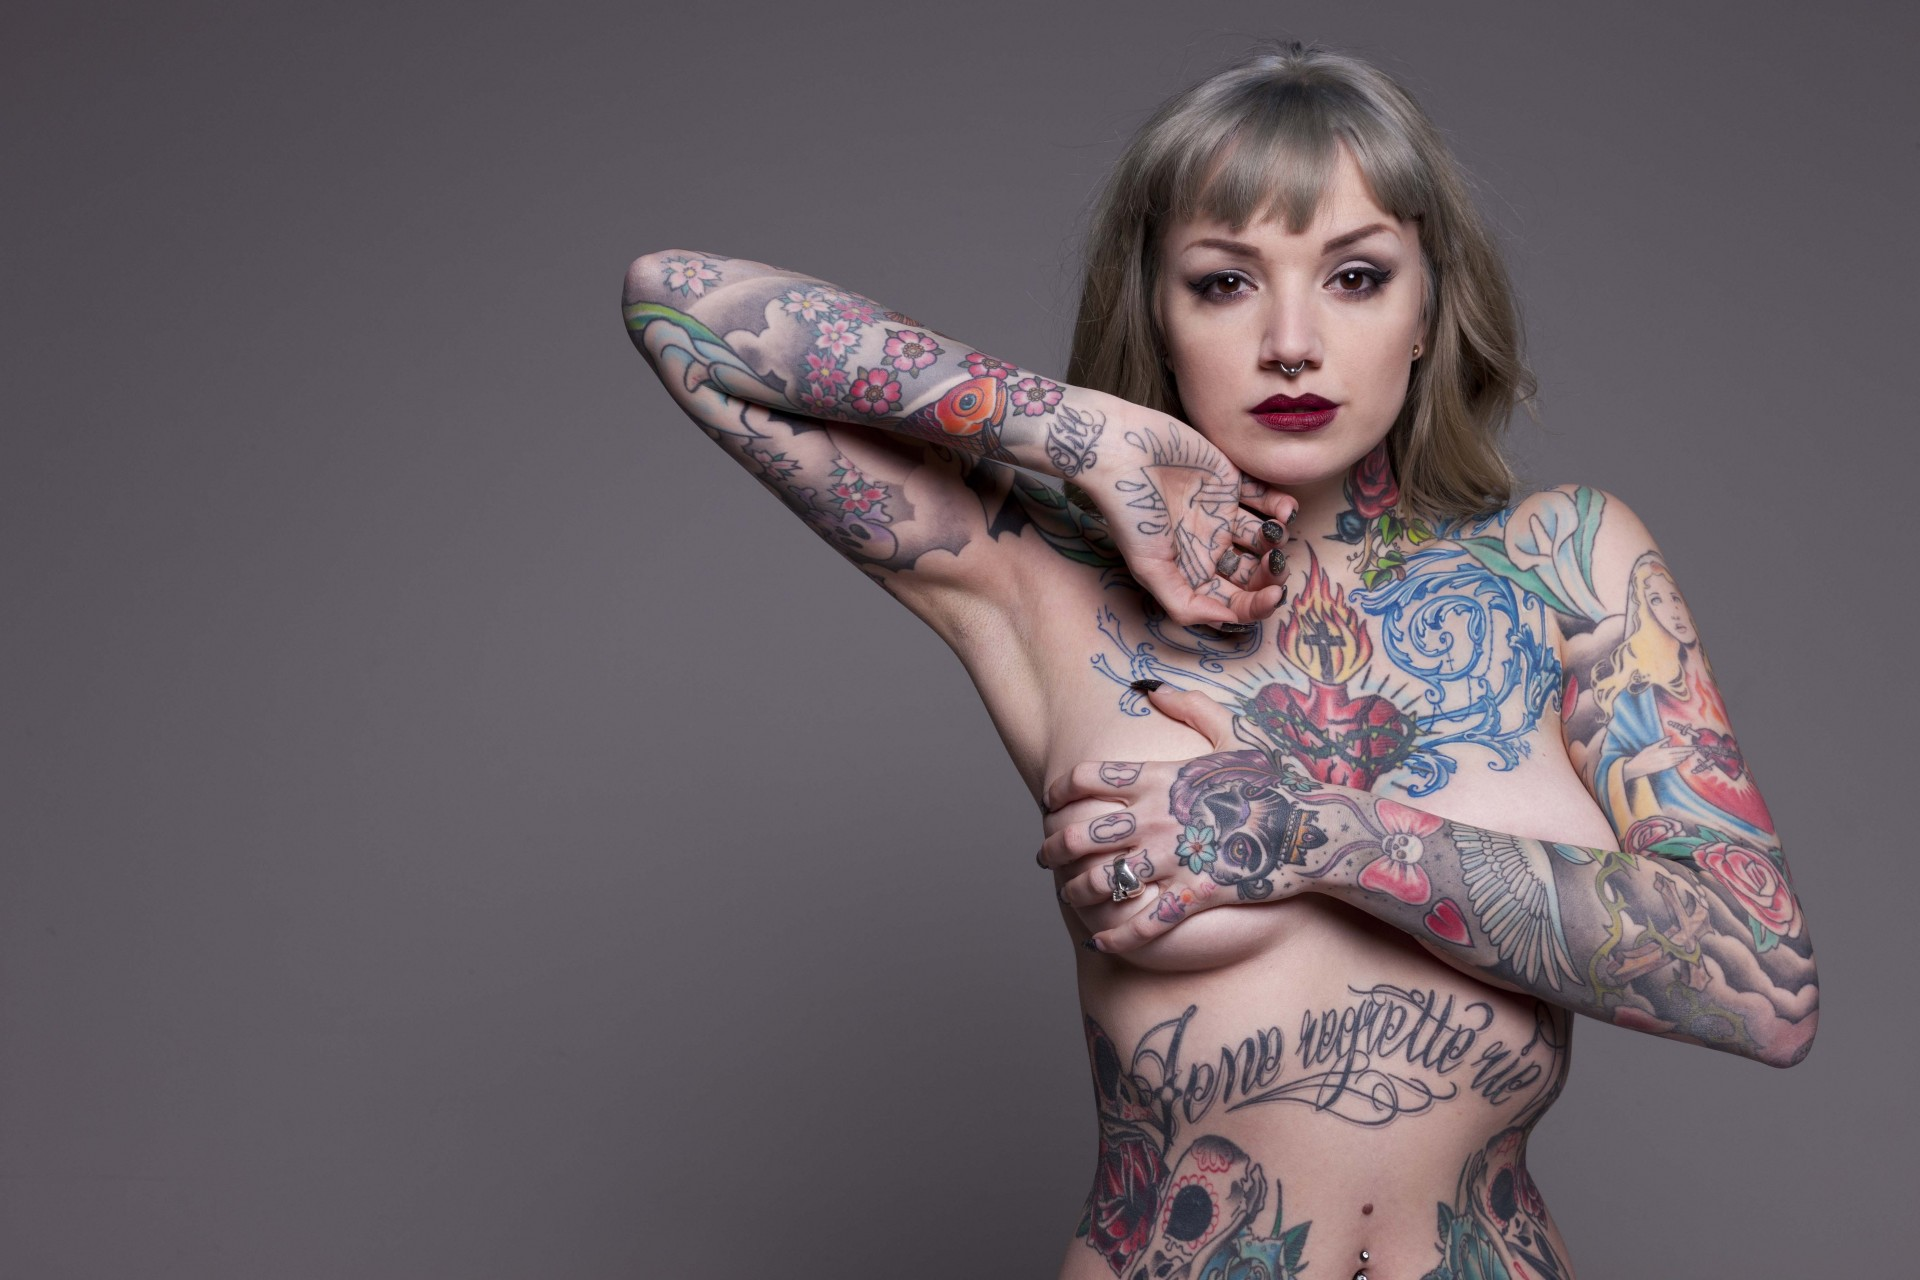 Камеры фаллос фотки голых девушек с татуировками видео оргии свадьбах